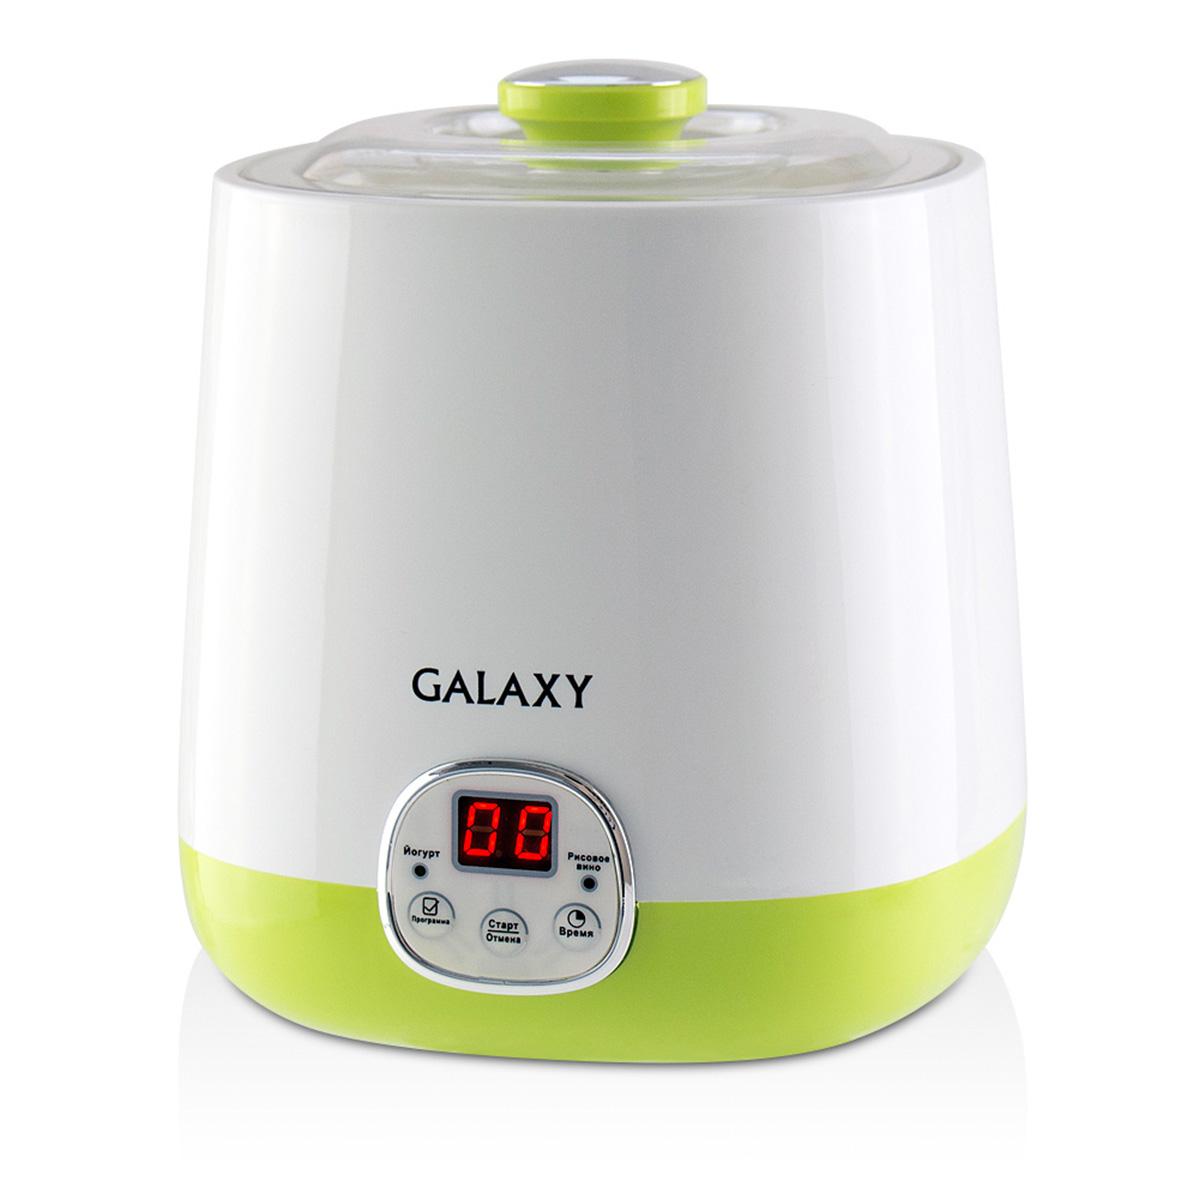 Galaxy GL 2692 йогуртница4630003365330Мощность 20Вт Объем контейнера 1л Электронное управление Светодиодный дисплей Индикаторы программ Таймер на 48 часов Низкое потребление электроэнергии Функция приготовления рисового вина Питание 220-240В, 50Гц